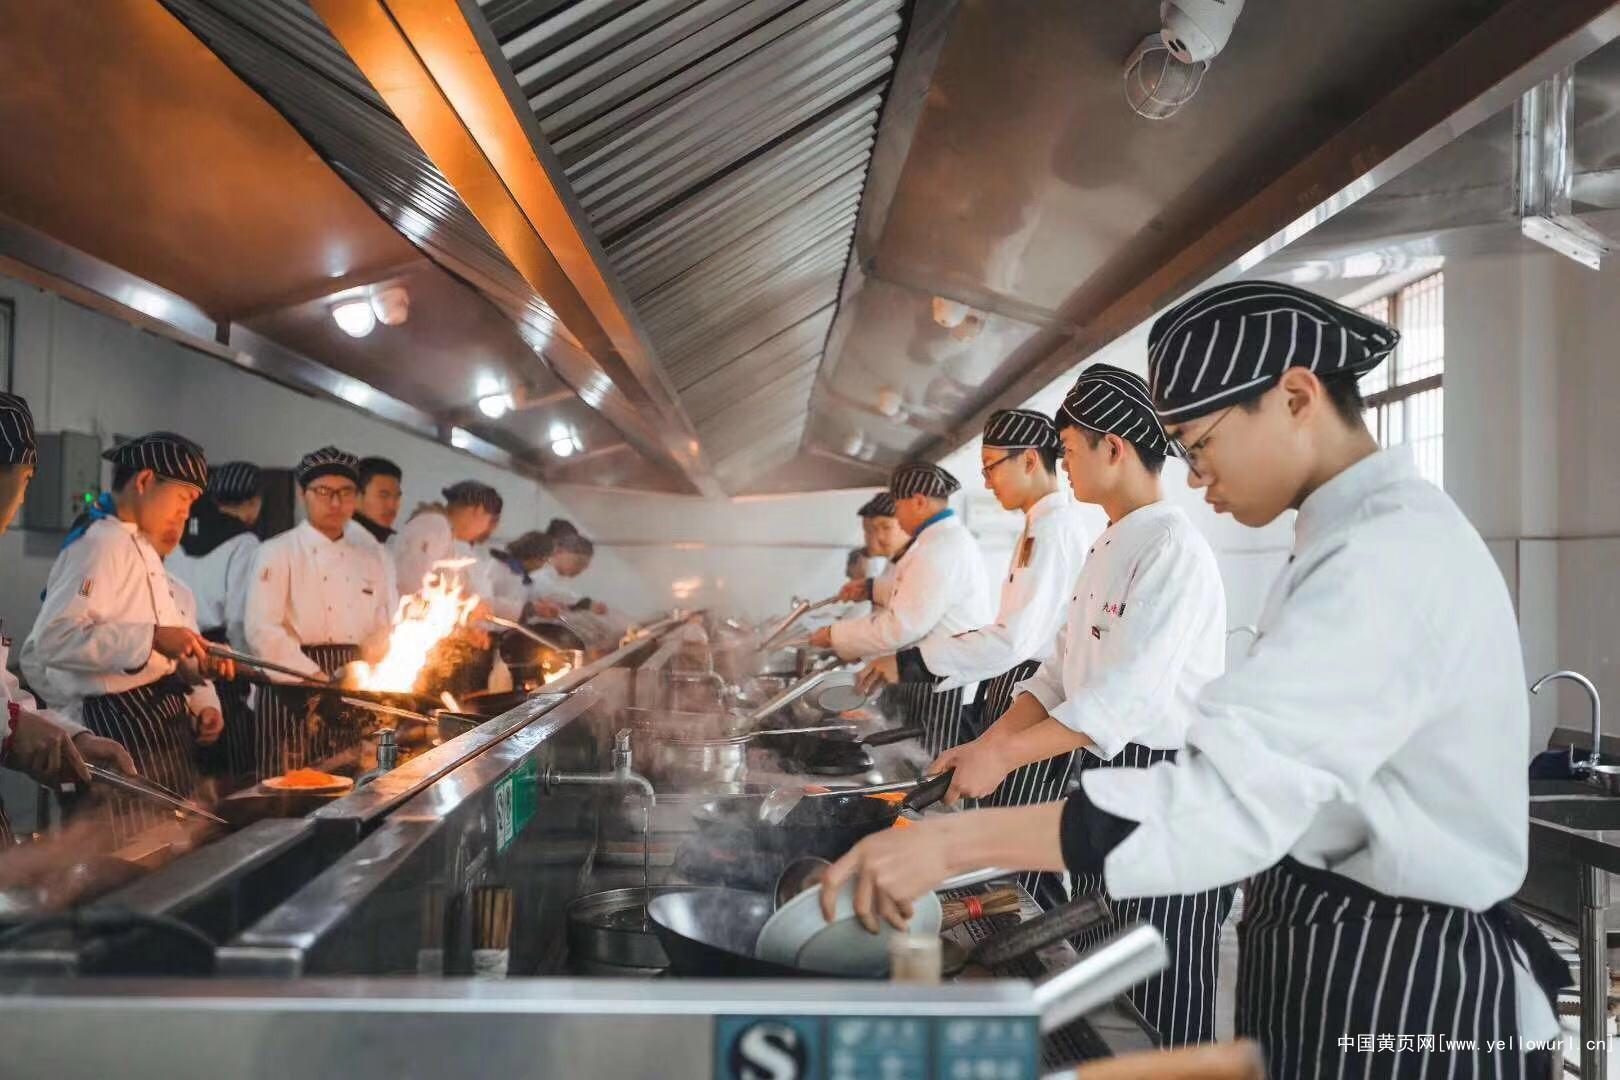 金華市九峰職業學校烹飪服務類相關專業招生簡介